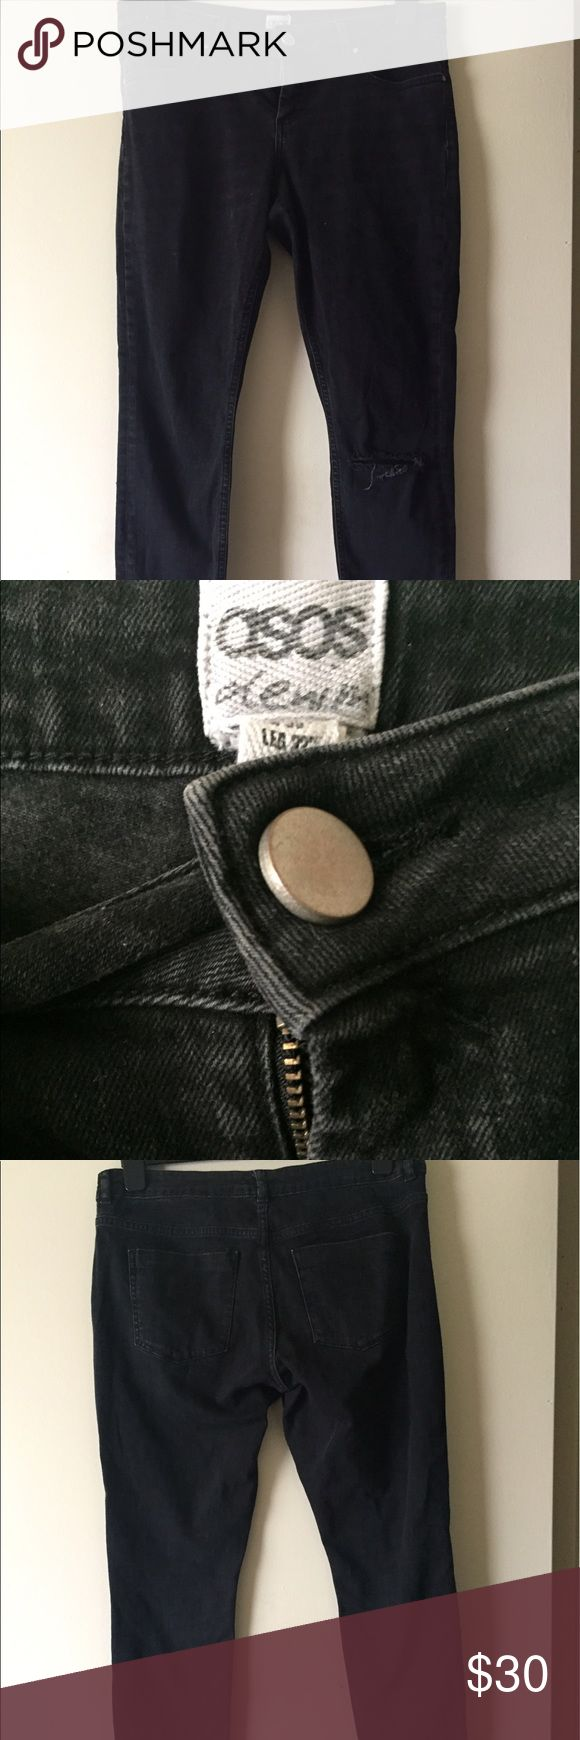 ASOS Ankle Grazer Jeans in Dark Wash ASOS Ankle Grazer Jeans in Dark Wash with Busted Knee ASOS Jeans Skinny